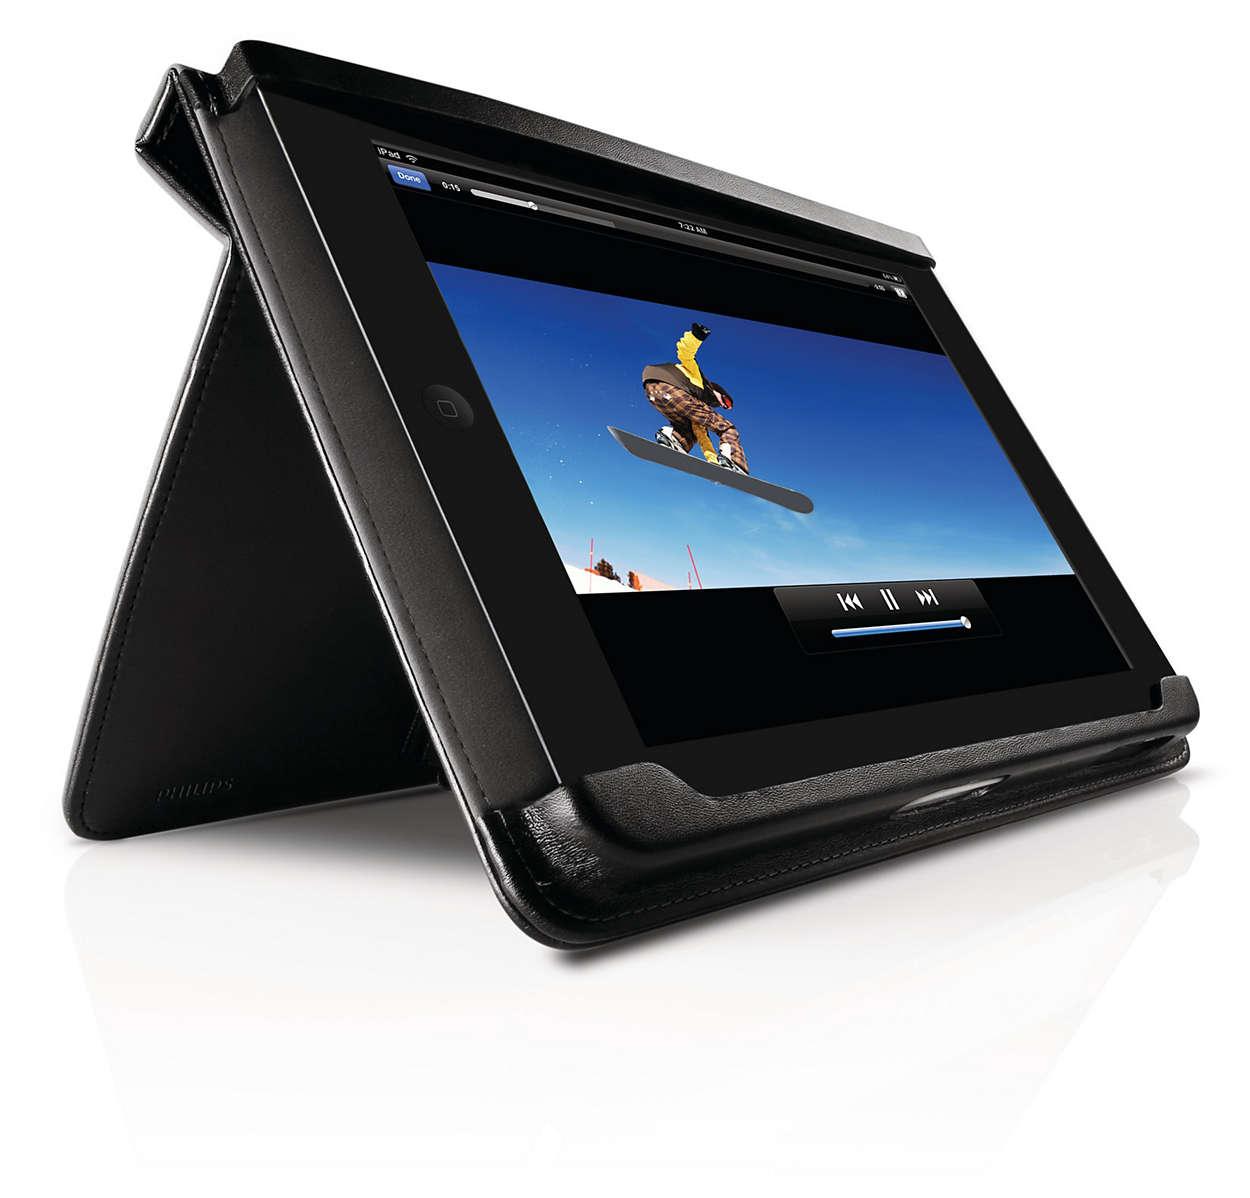 Ταξιδέψτε με στιλ συντροφιά με το iPad